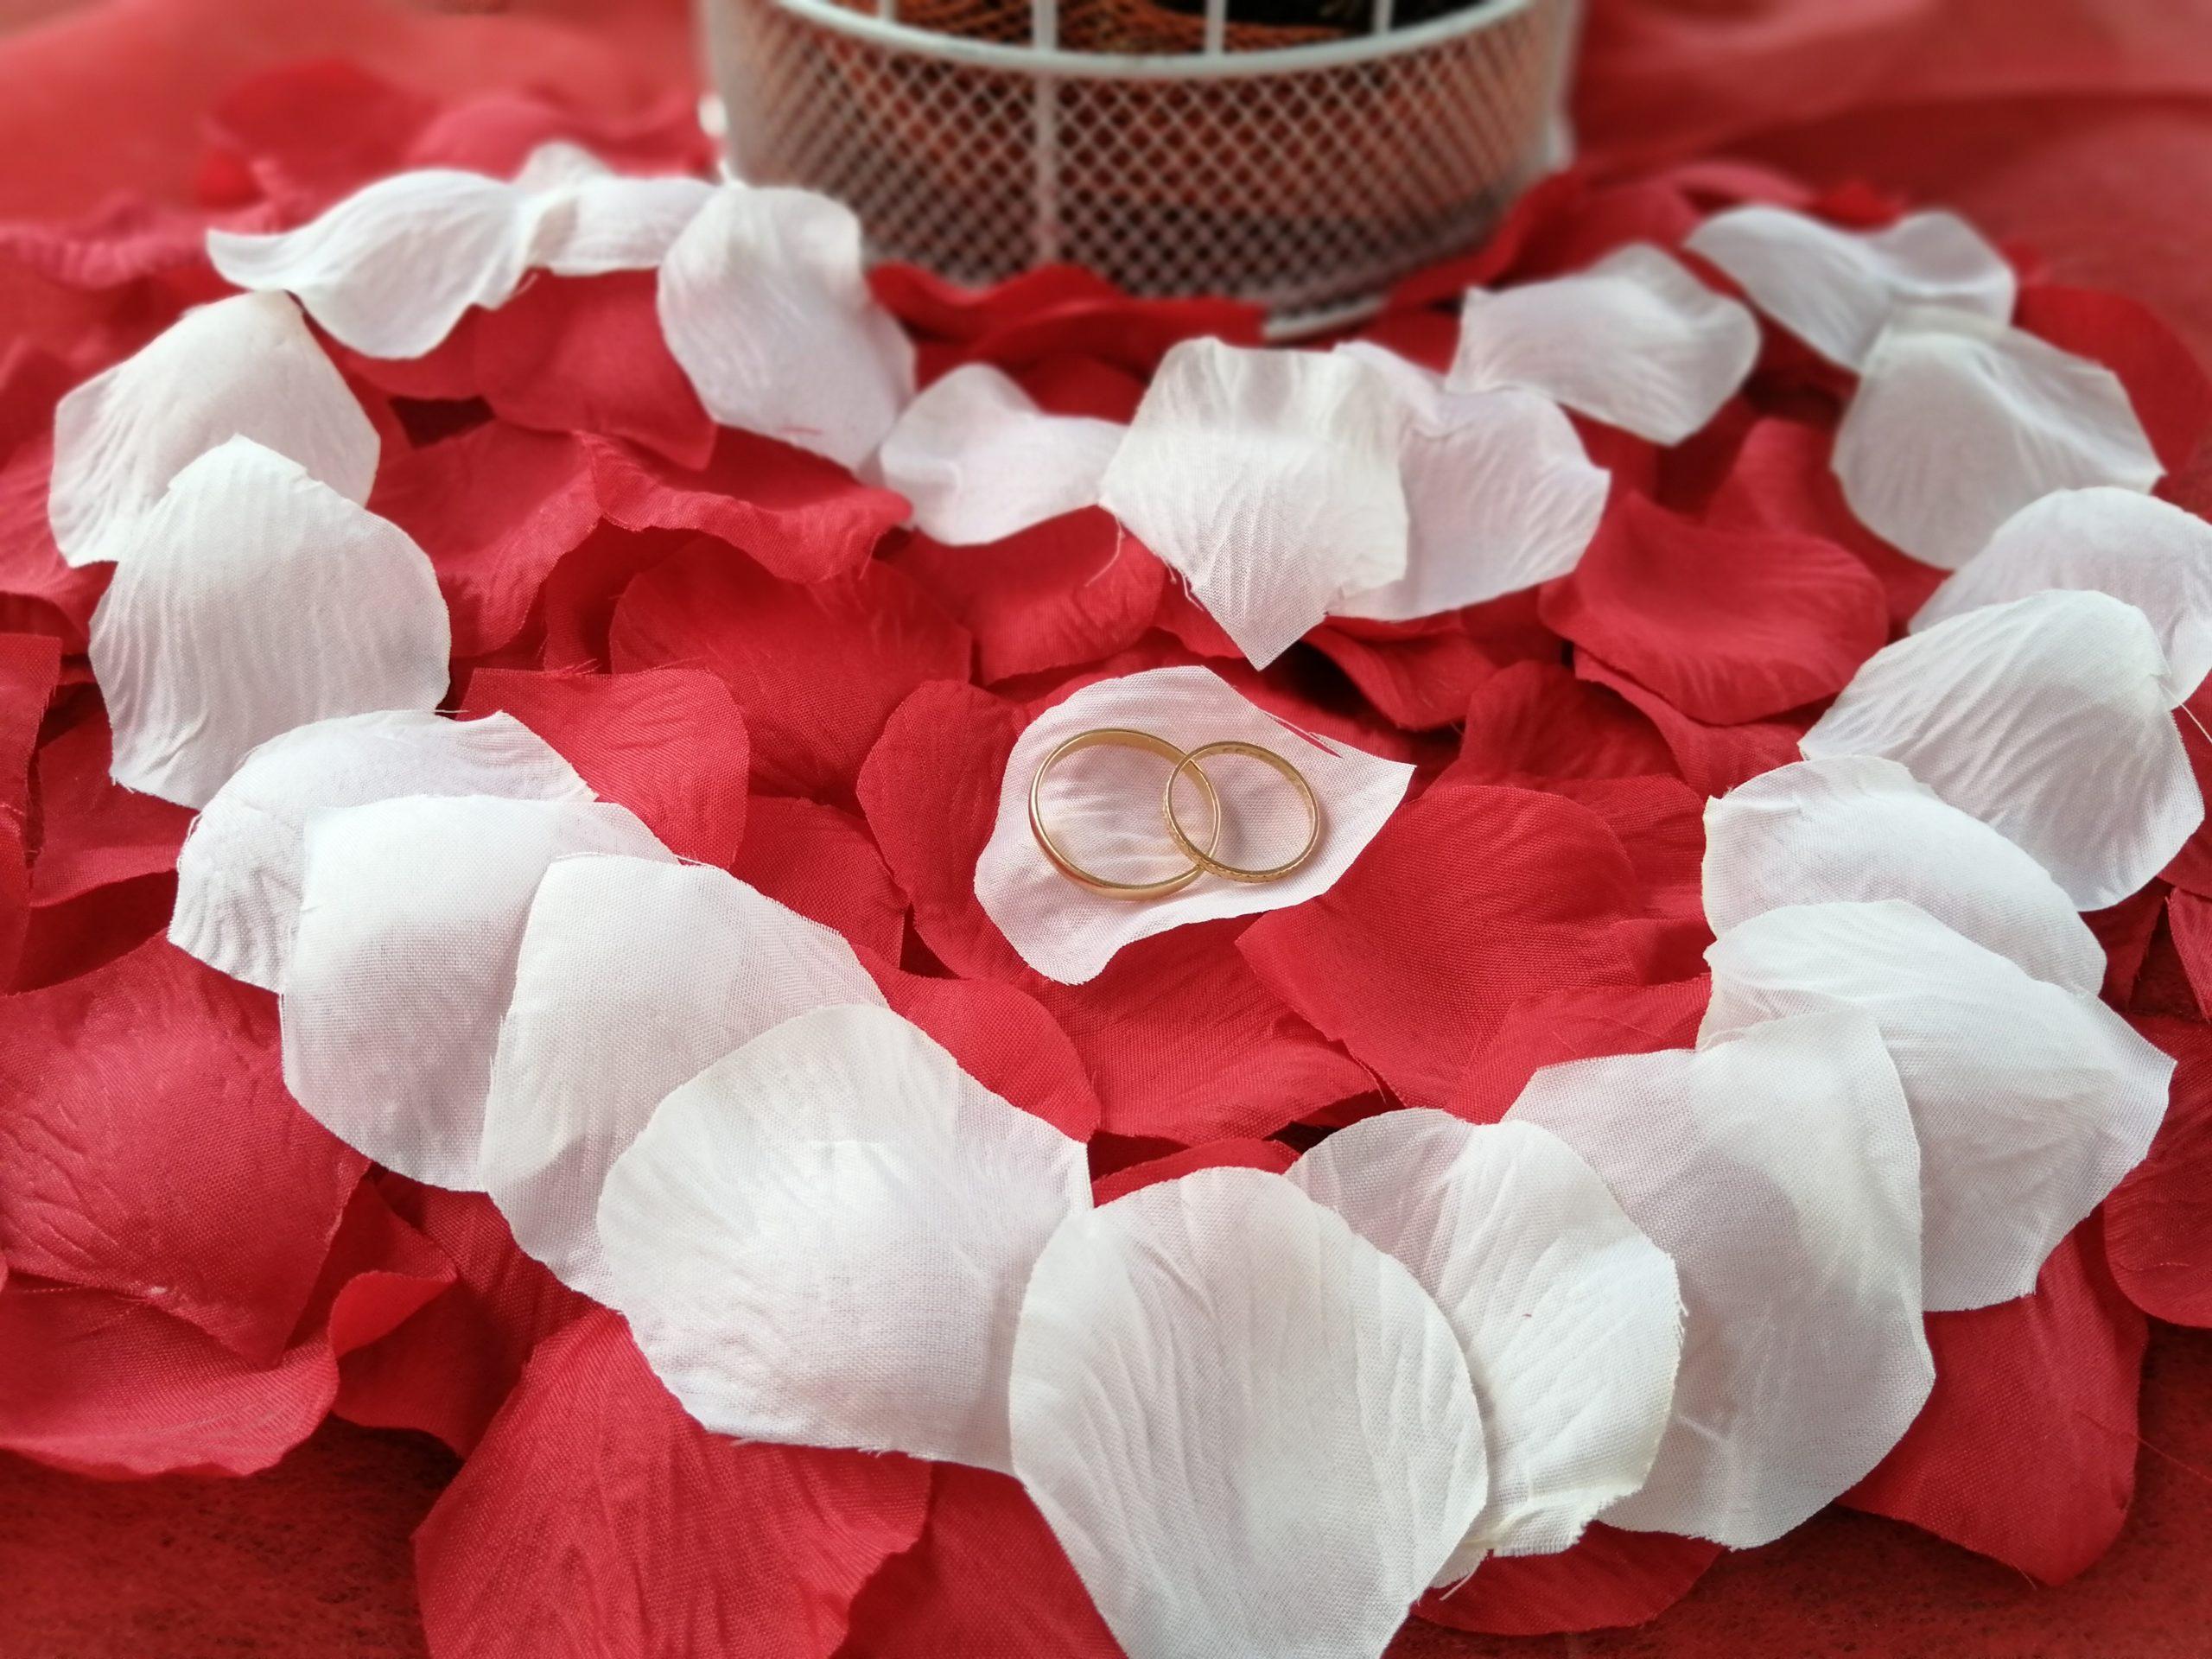 Alliances sur pétales de rose rouge formant un coeur en blanc - C&D Events - Wedding planner Oise et Paris